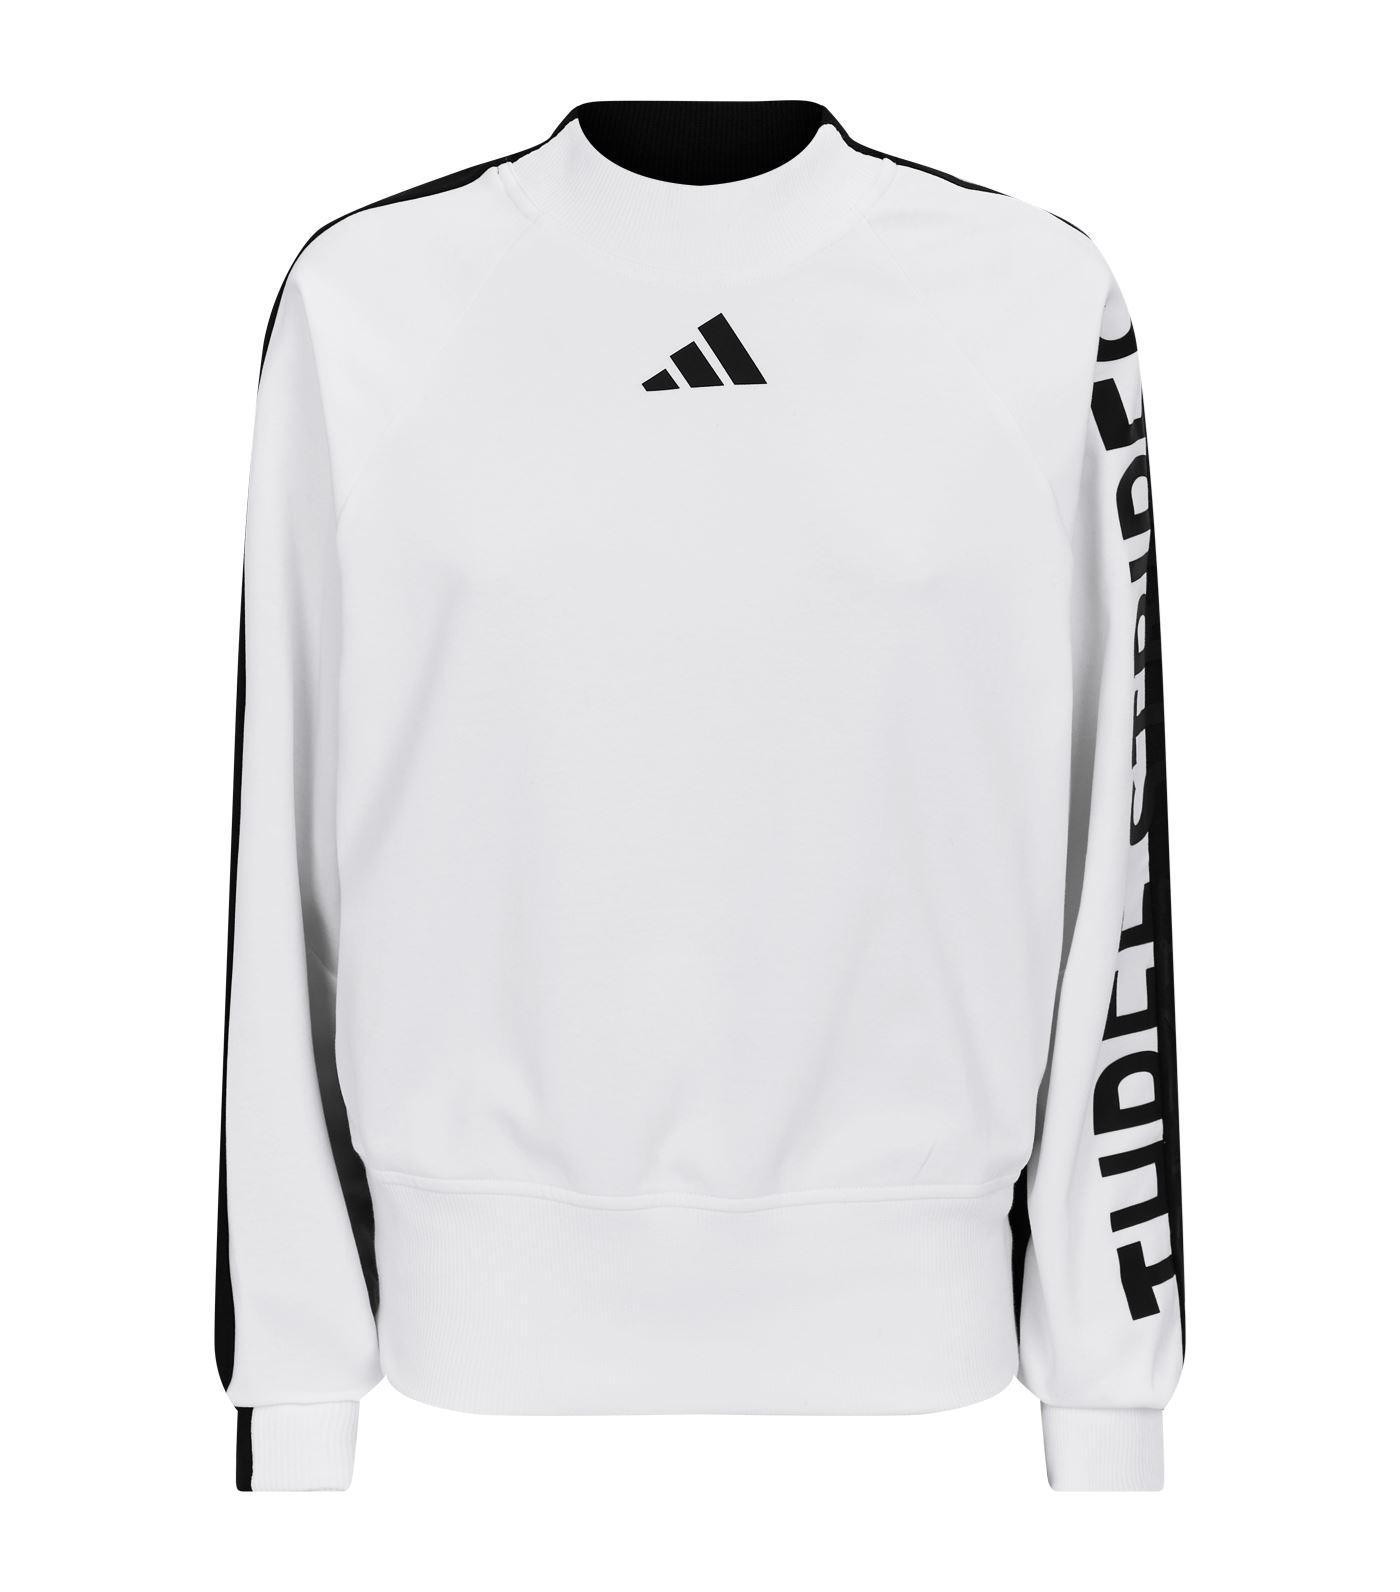 adidas Logo Sweatshirt in White - Lyst b5f383c08b9